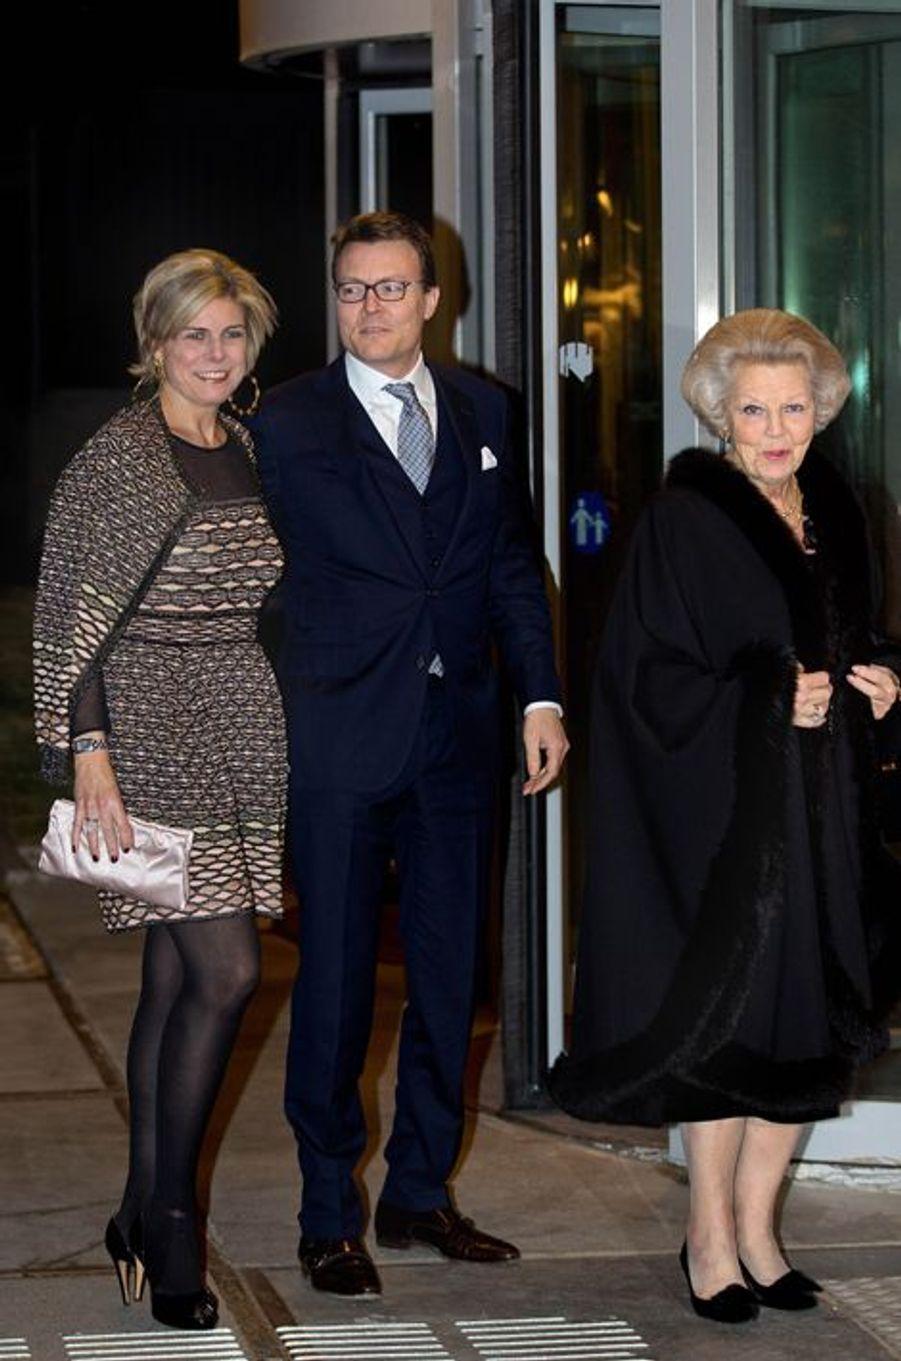 Les princesses Beatrix et Laurentien avec le prince Constantijn des Pays-Bas à La Haye, le 28 janvier 2016